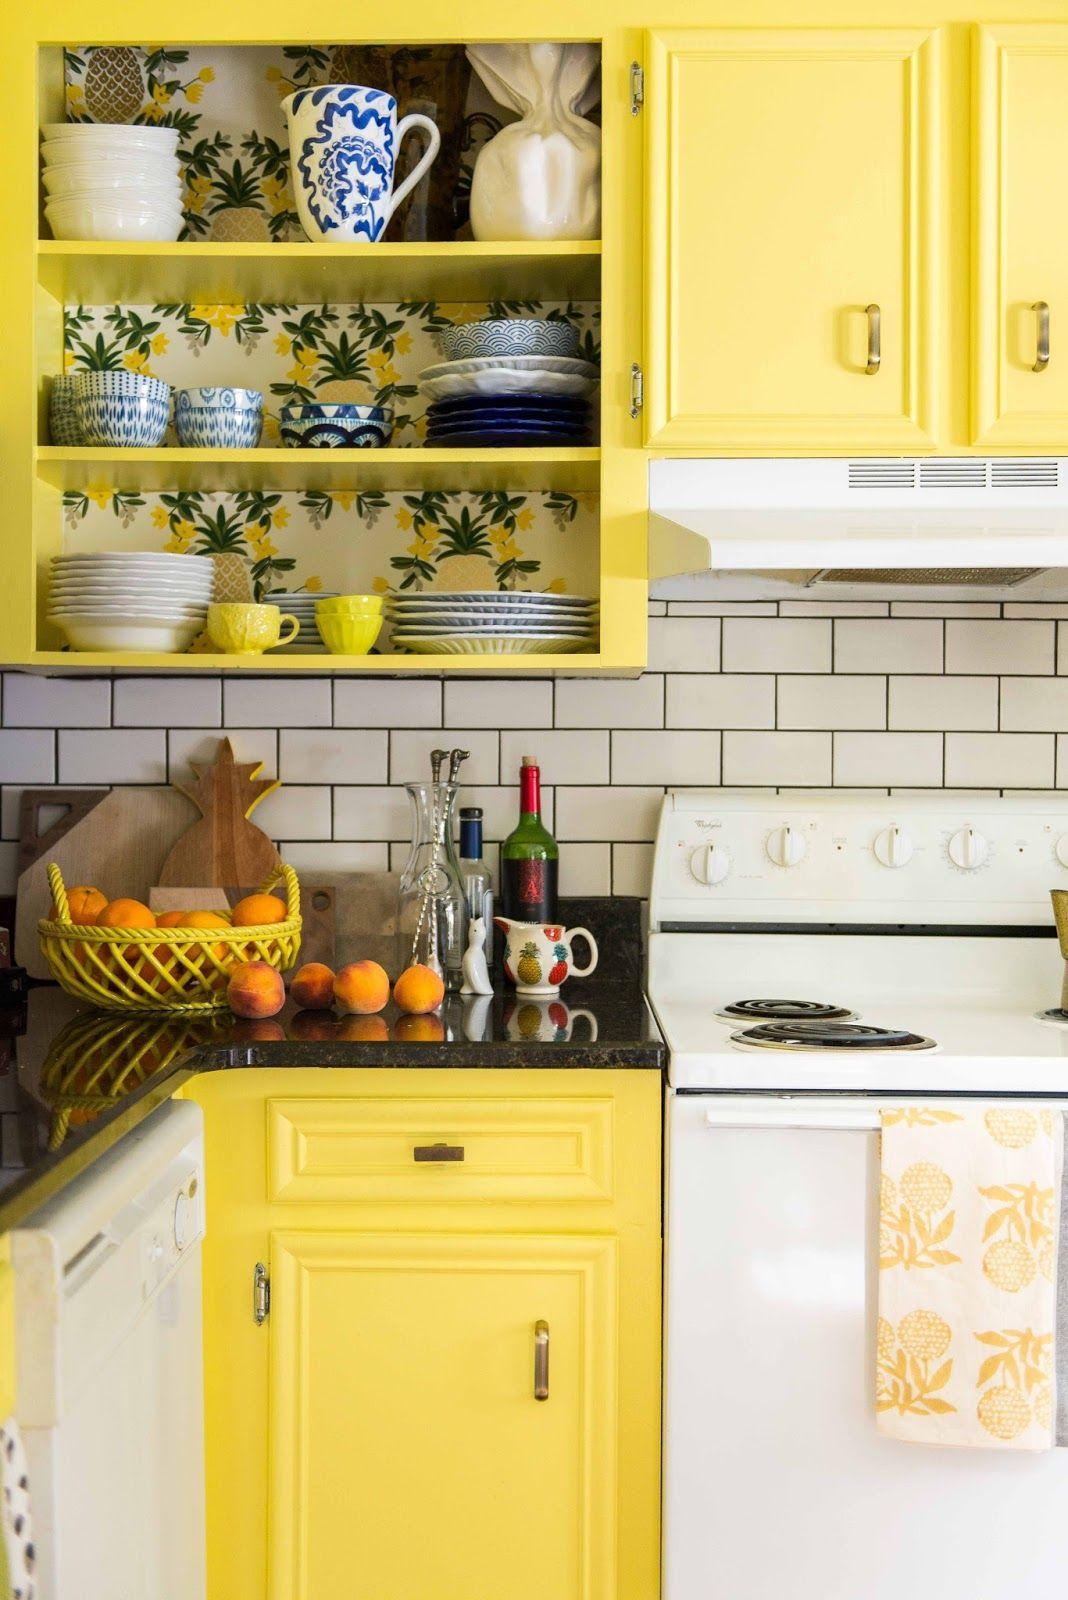 amanda louise interiors yellow kitchen photo by luke